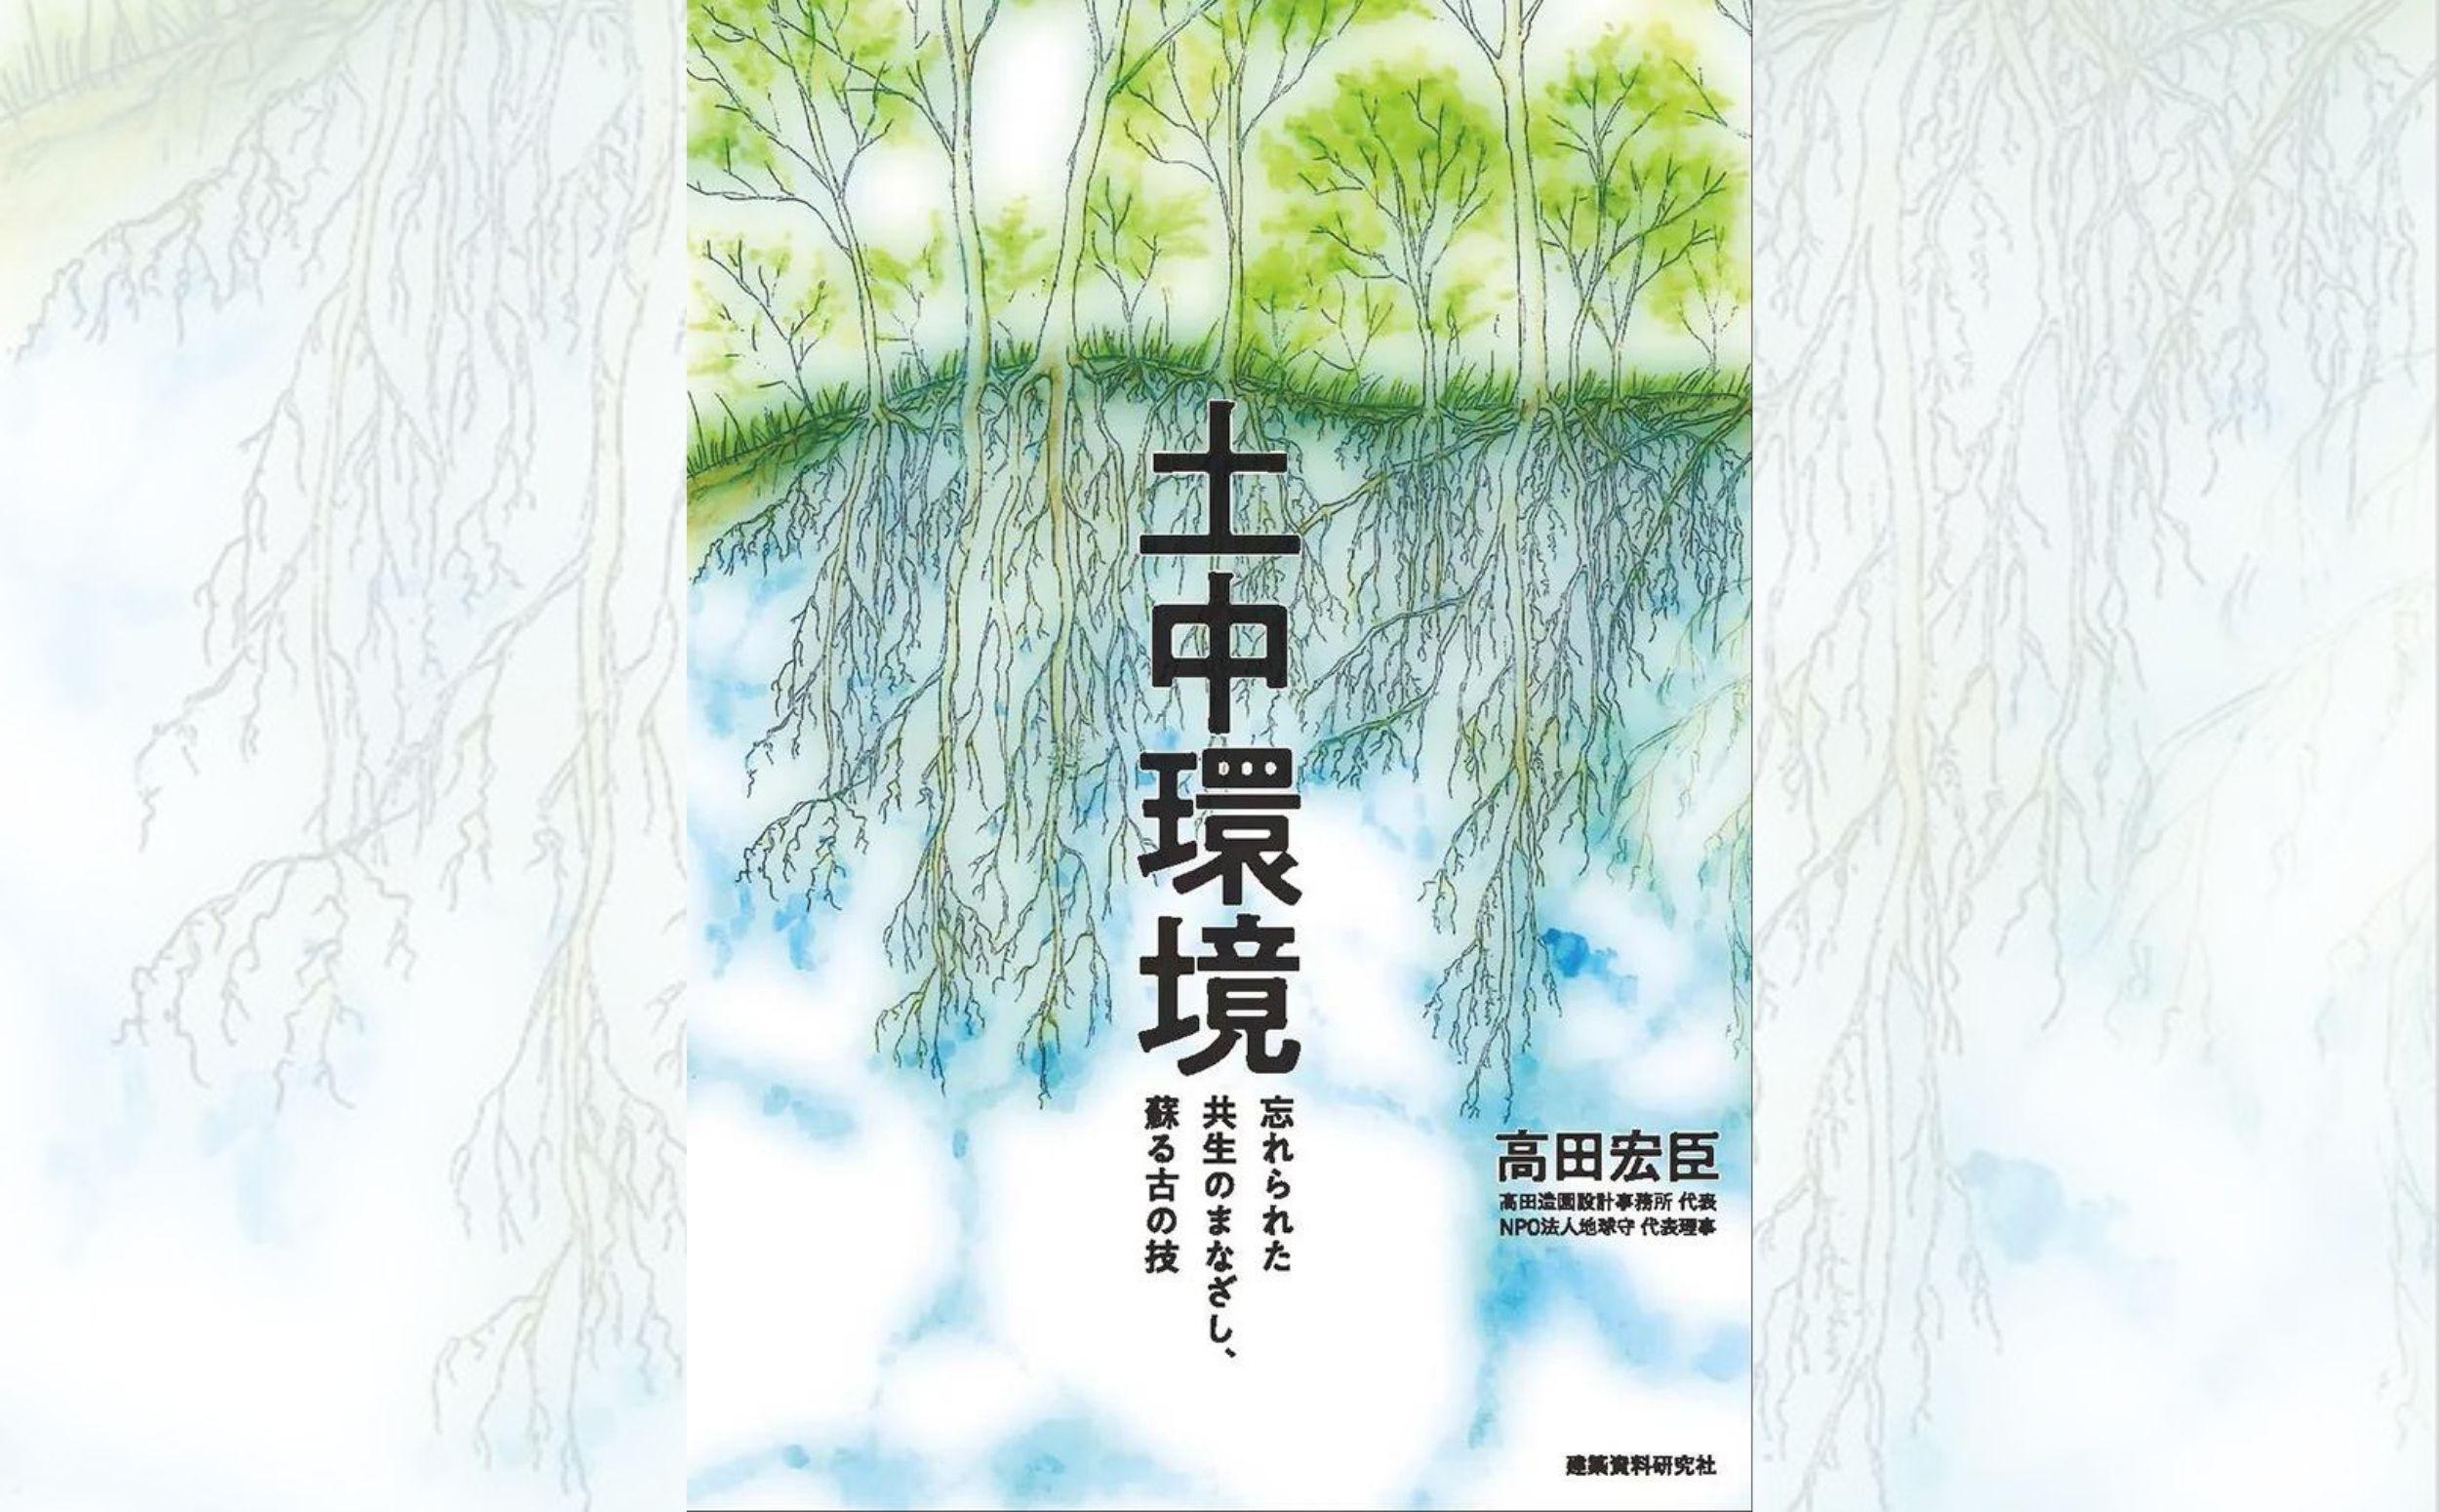 土の中から自然界全体を健康にしていく理論と実践/高田宏臣著『土中環境 忘れられた共生のまなざし、蘇る古の技』